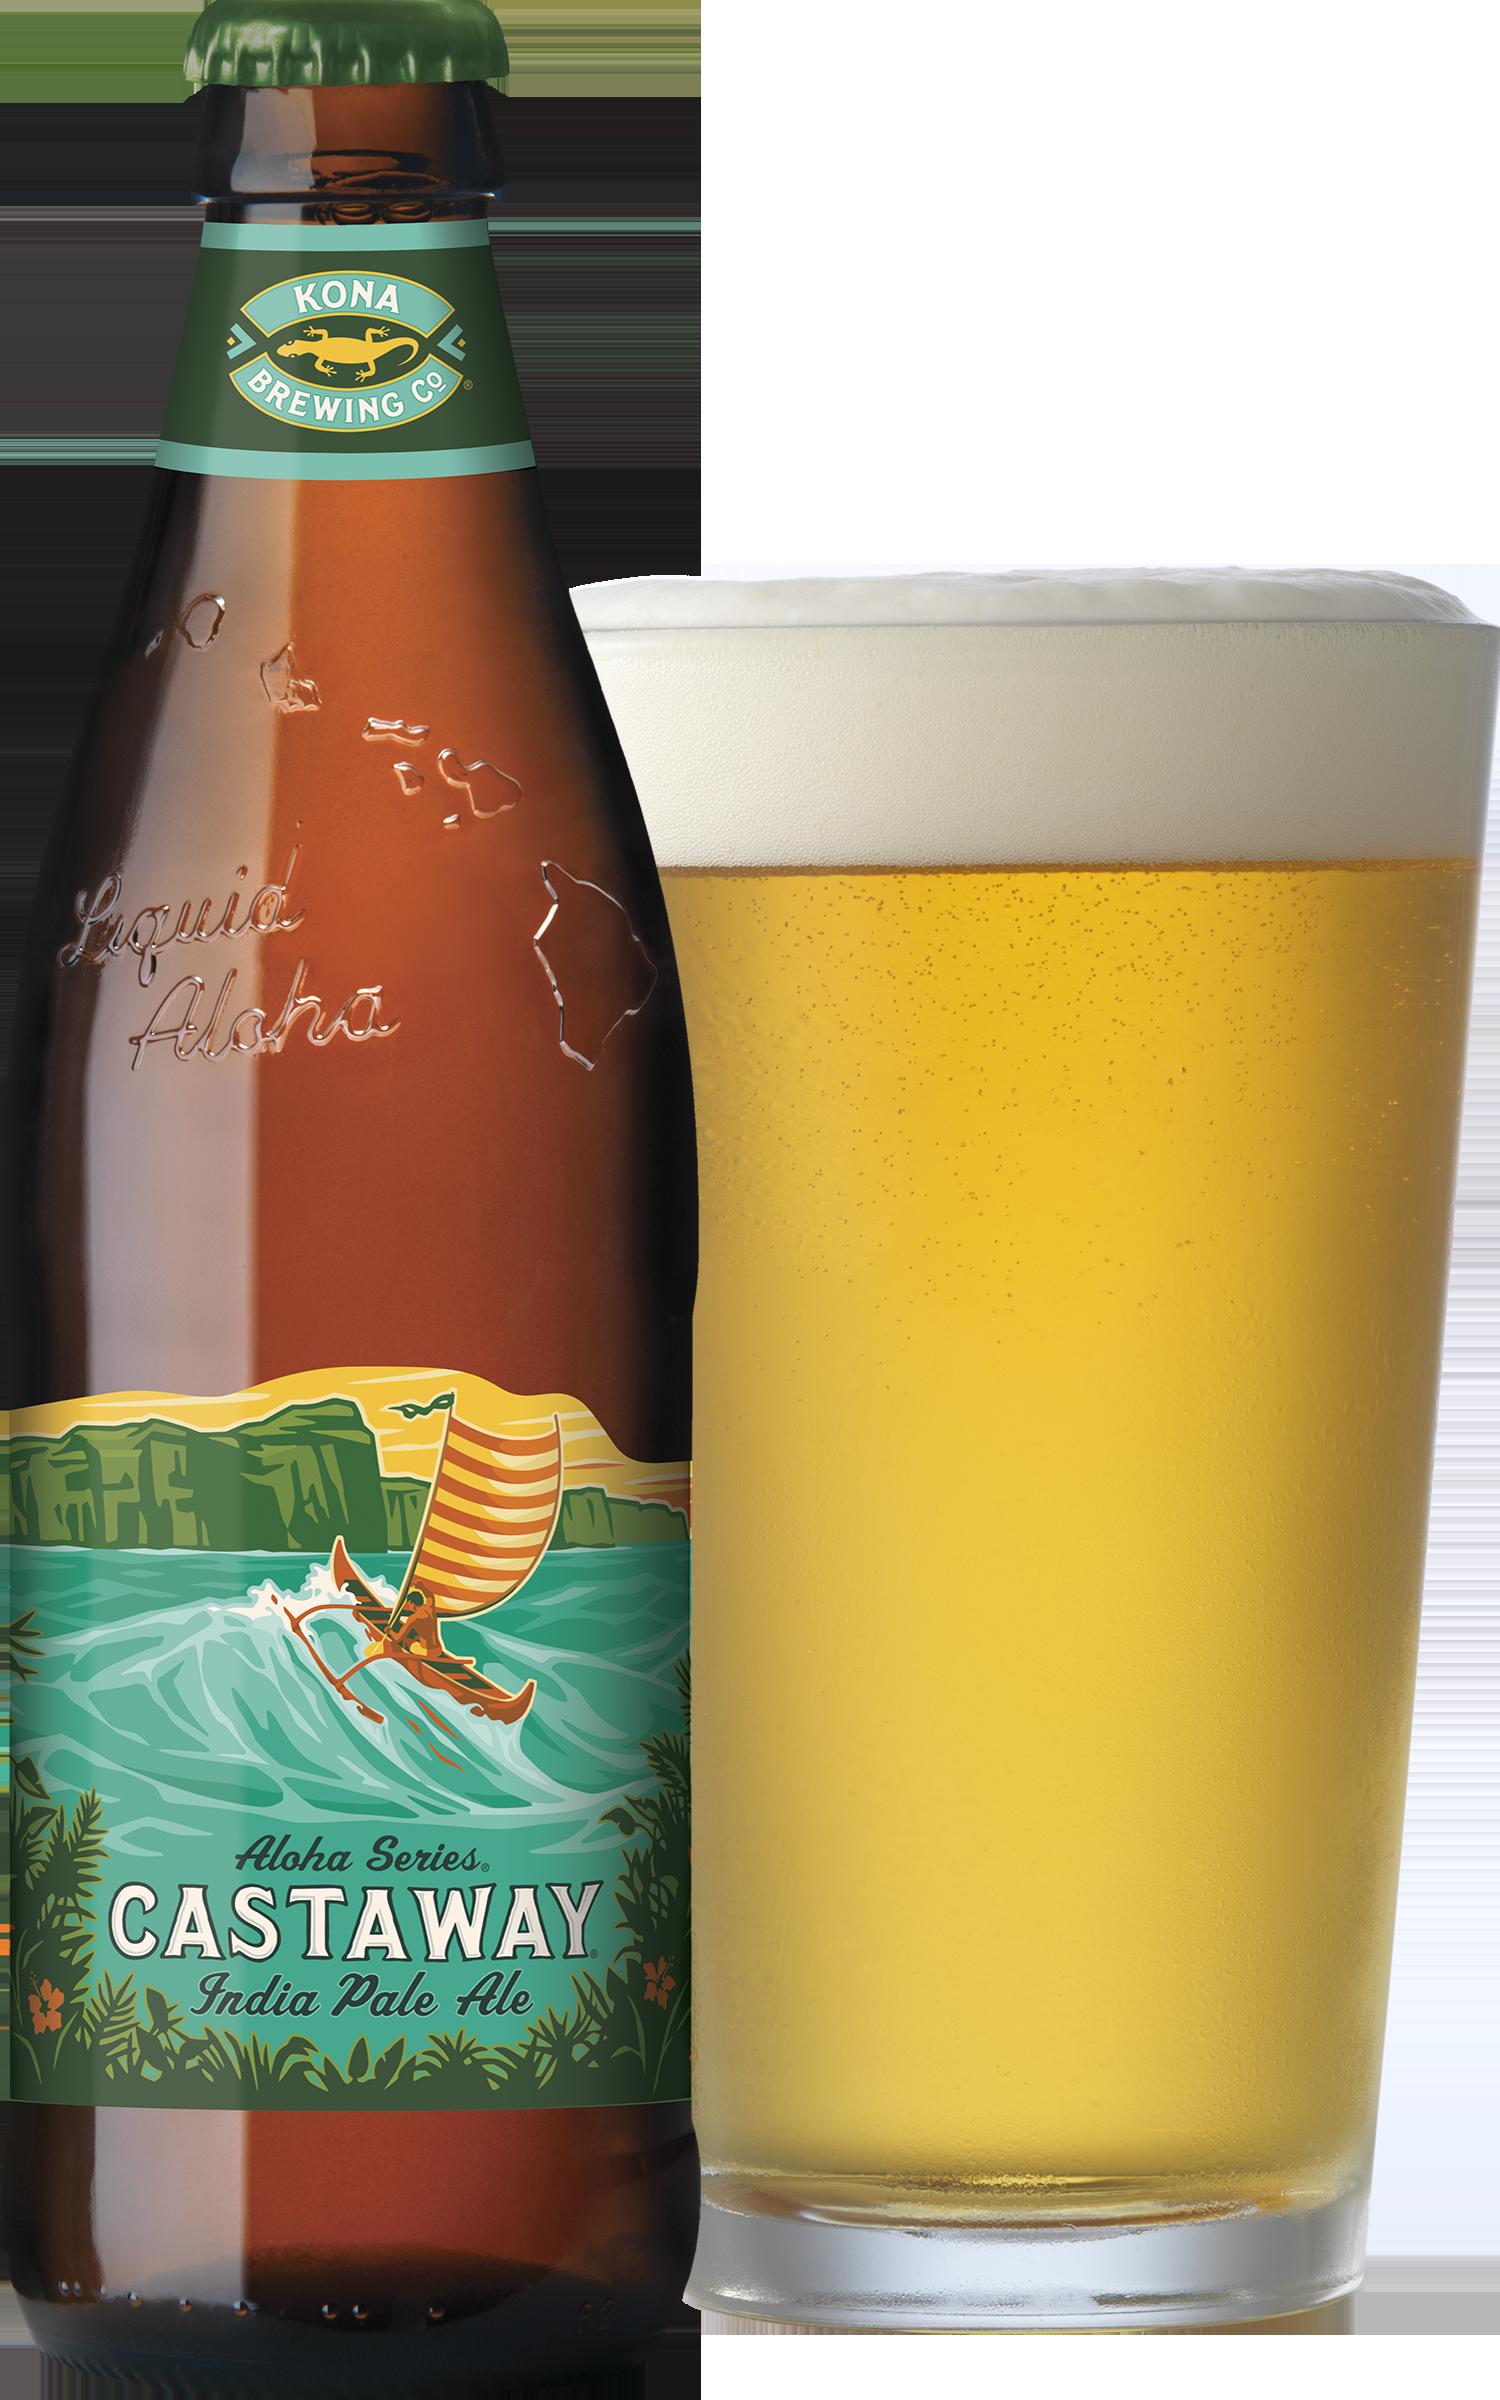 Castaway IPA Bottle | Beers | Beer, Kona brewing, Beer recipes